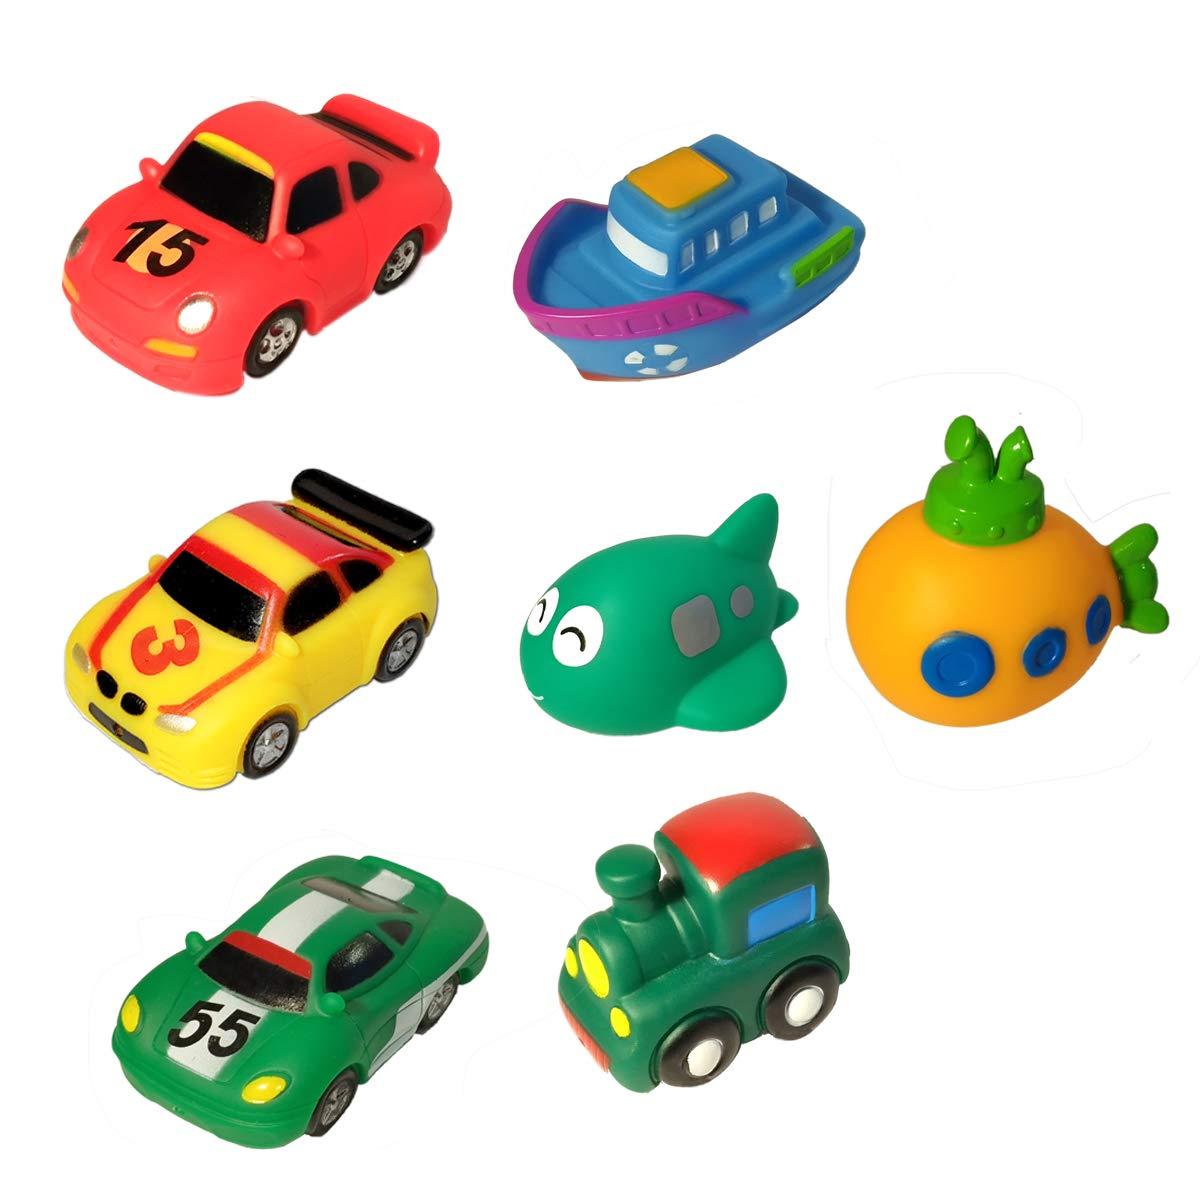 YHYZ 10 Packs Bath Toy Set, BAP-Free Floating Bathtime Fun Bathtub Toy YHYZ - BT